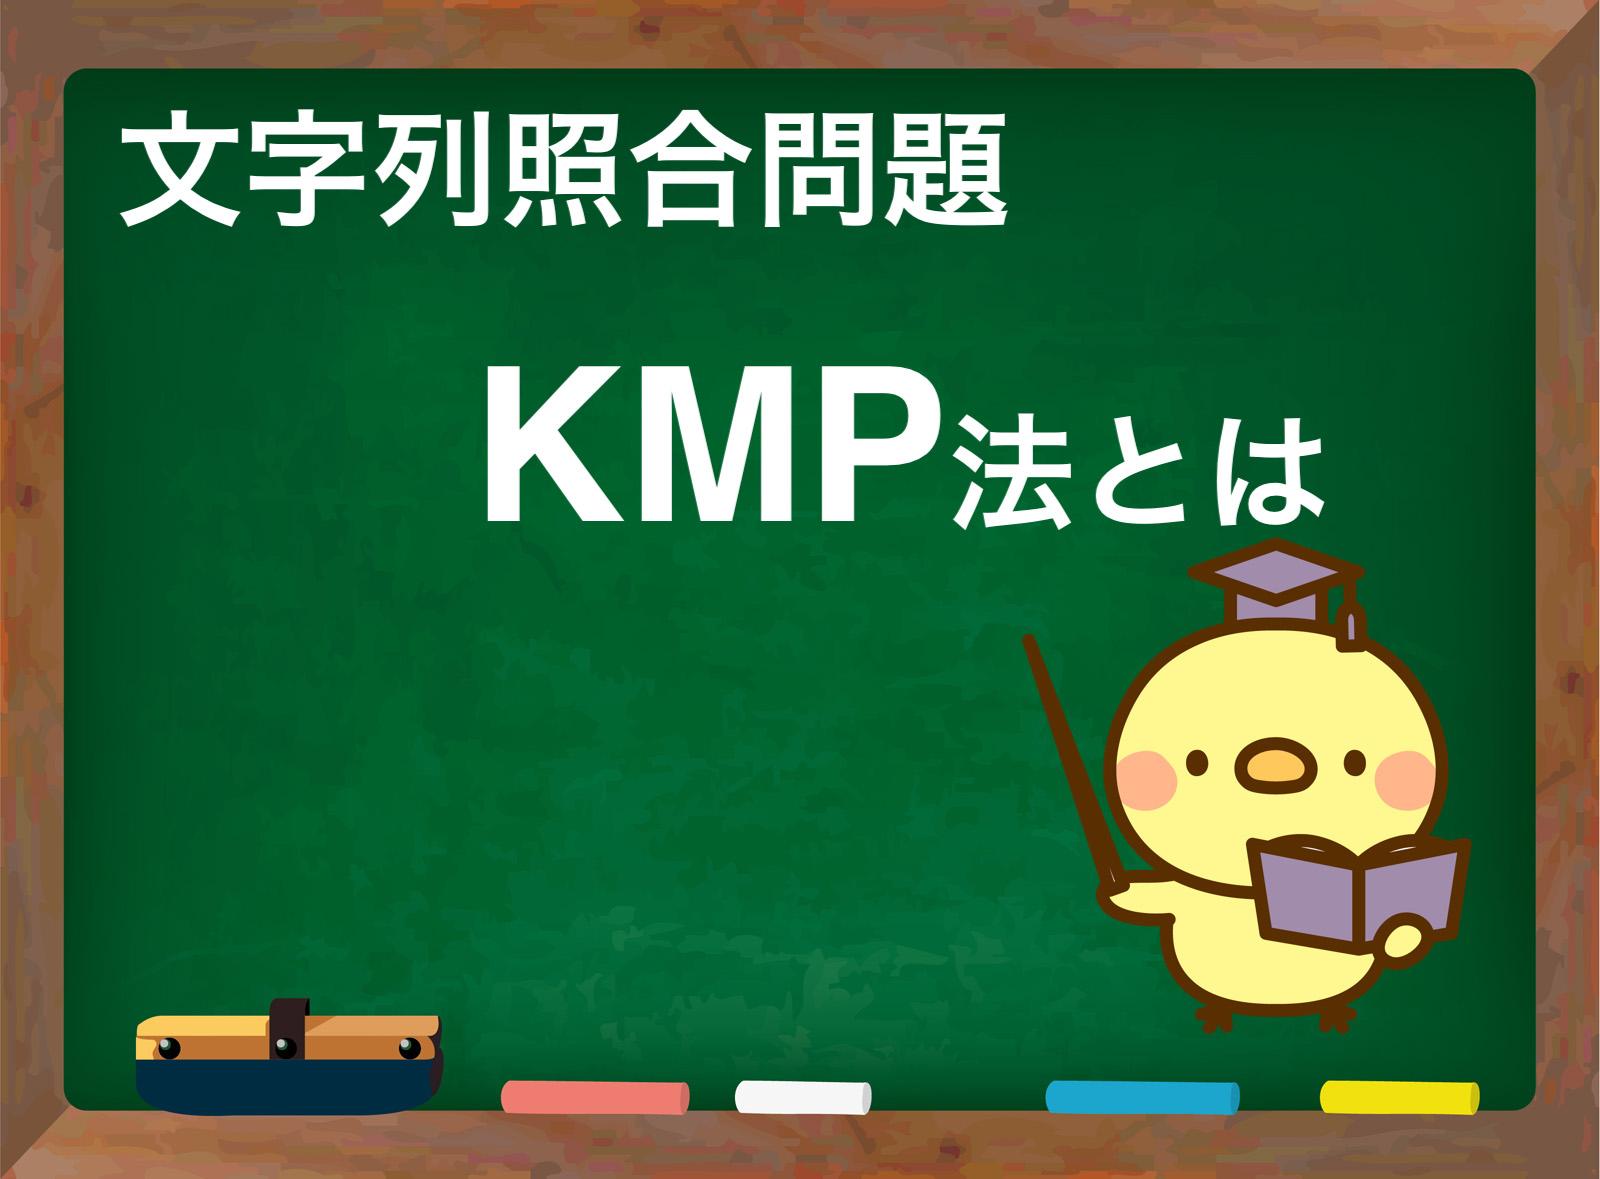 【アルゴリズム】文字列照合問題 KMP法とは